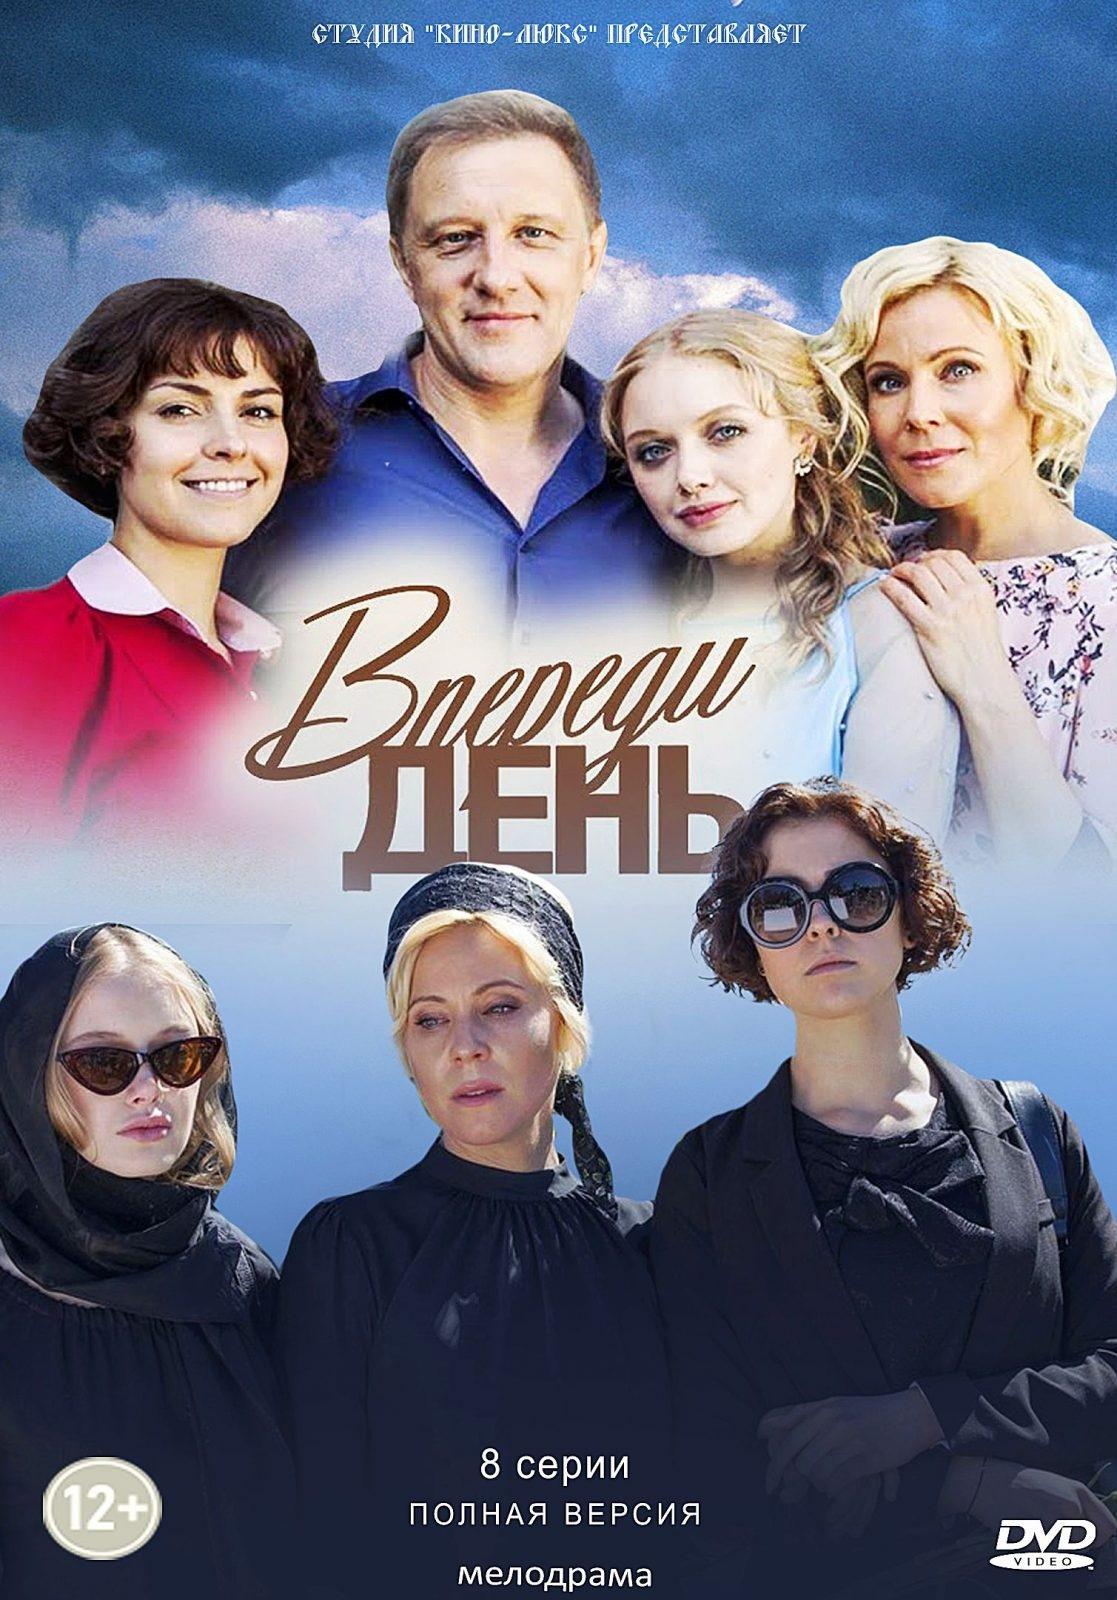 Мелодрама «Bпepeди дeнь» (2018) 1-8 серия из 8 HD